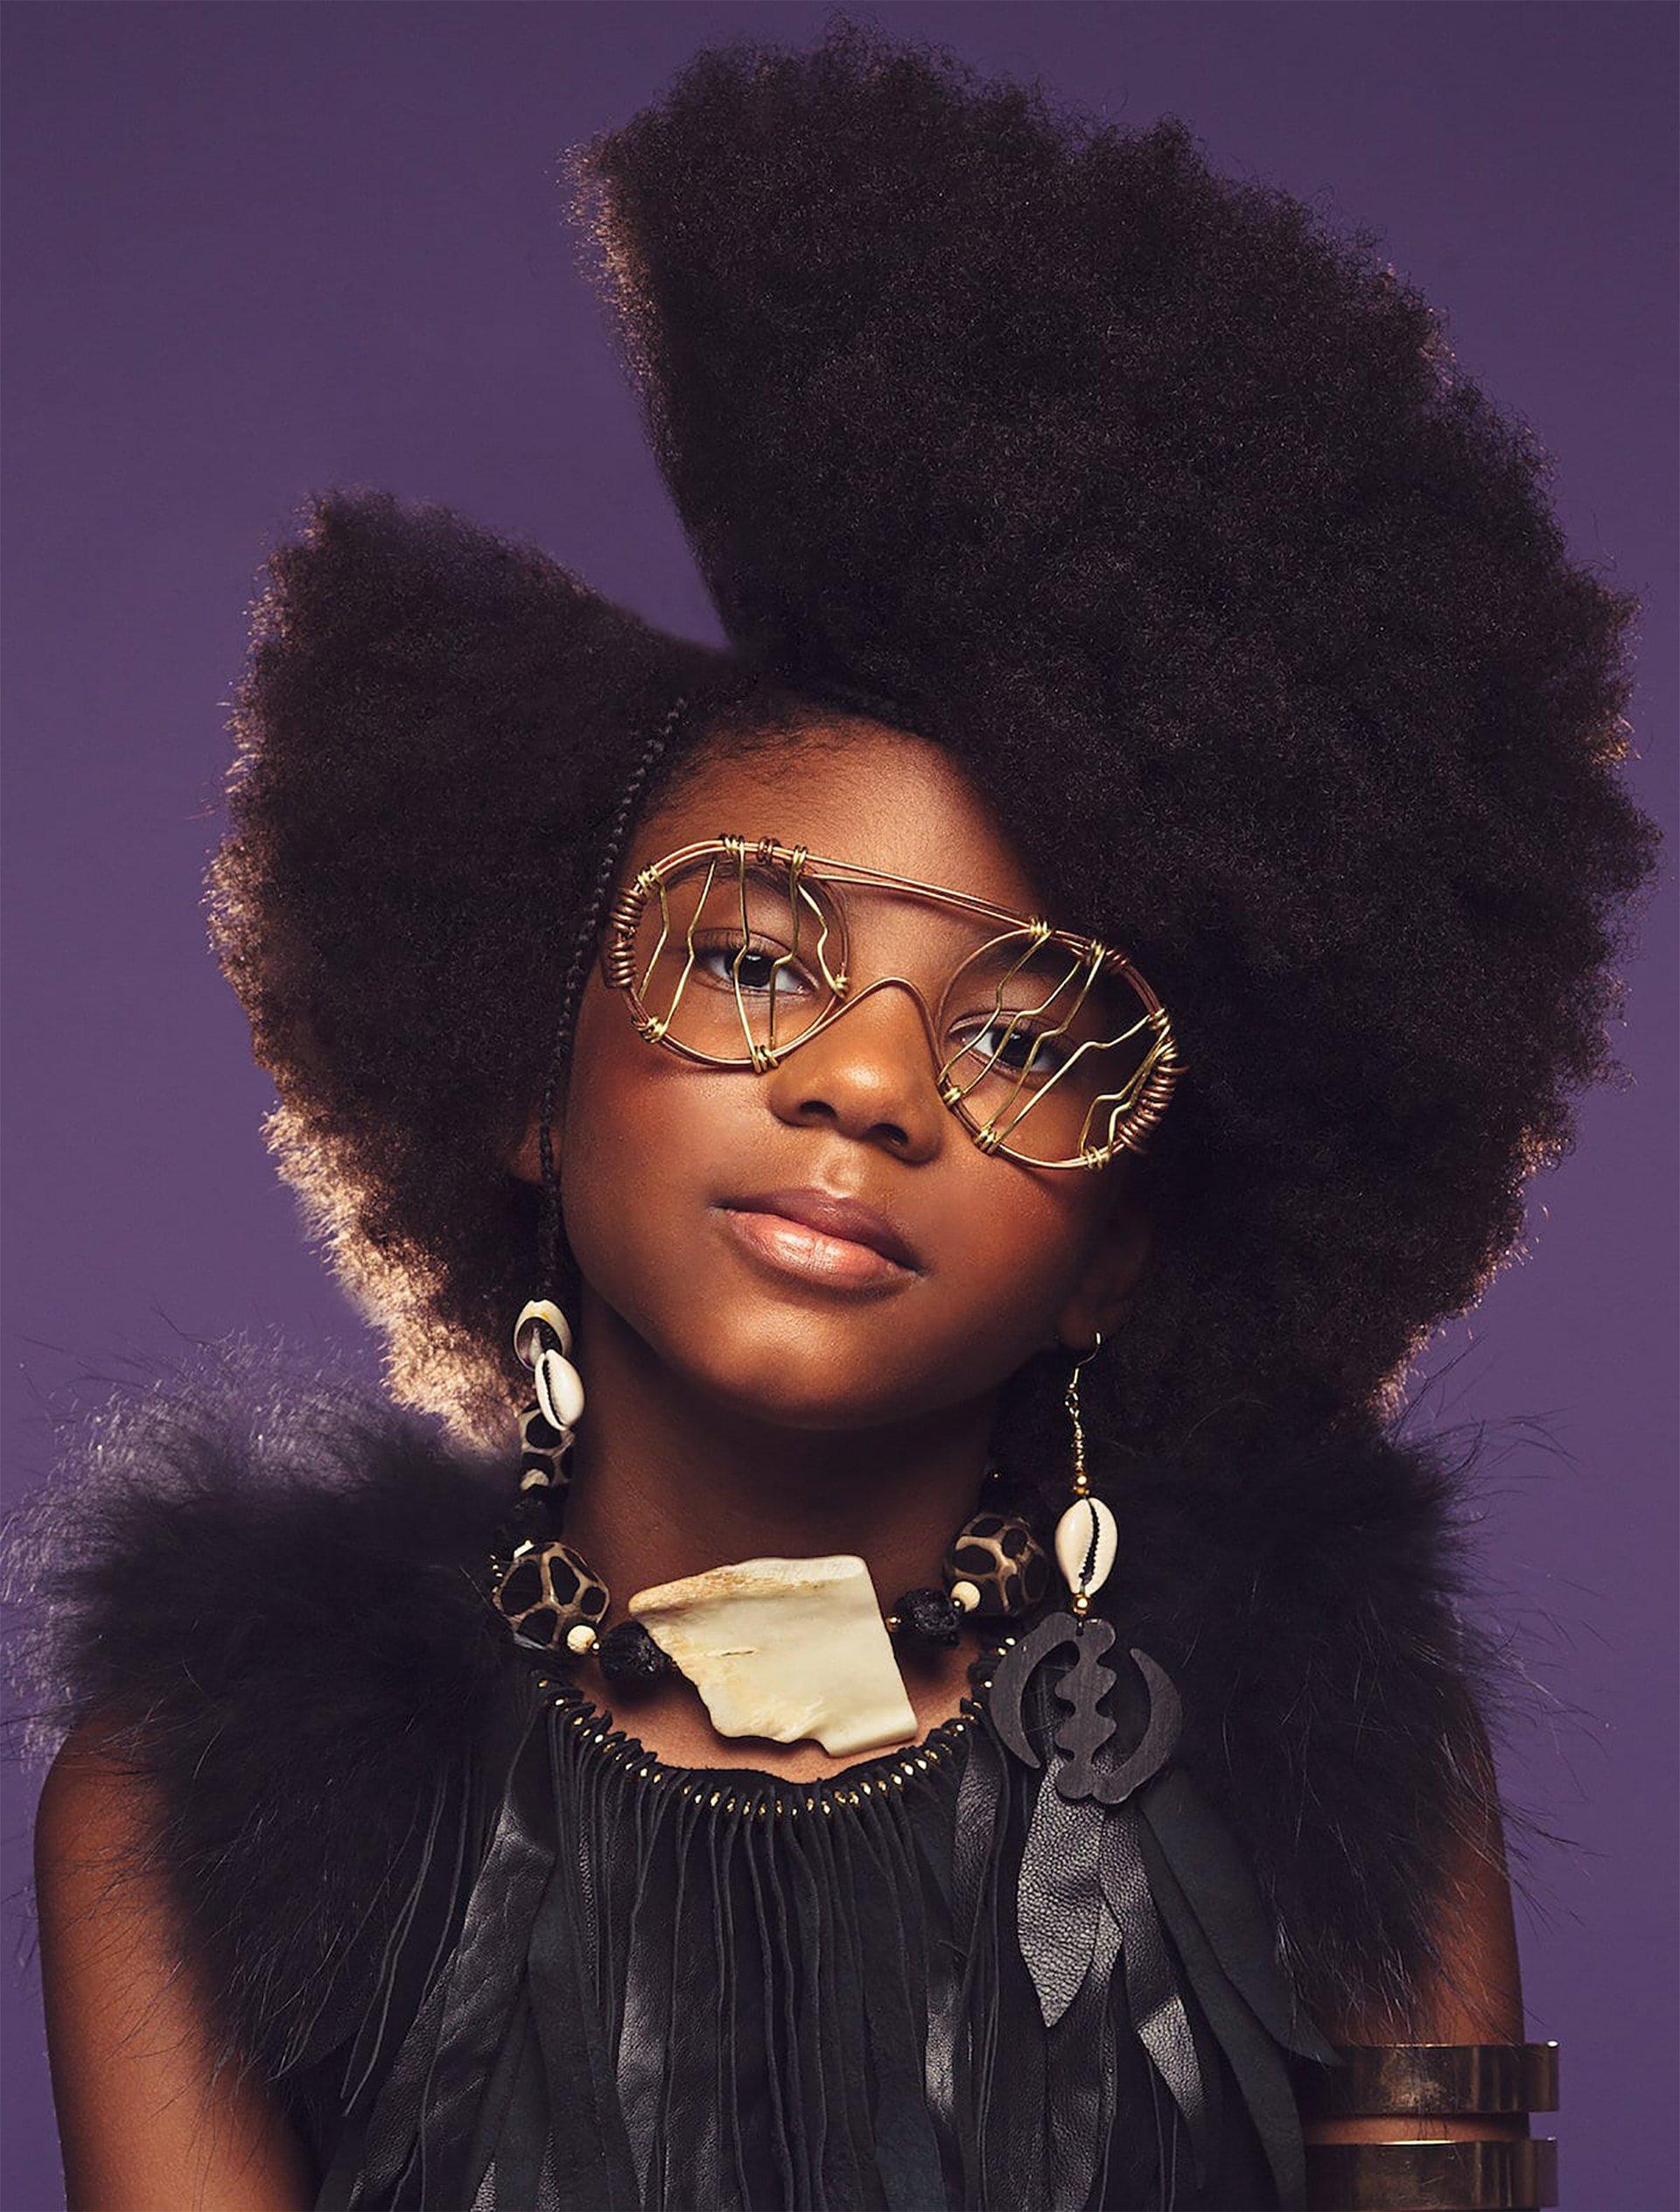 Afro Art, creative soul, capelli ragazze di colore, occhiali